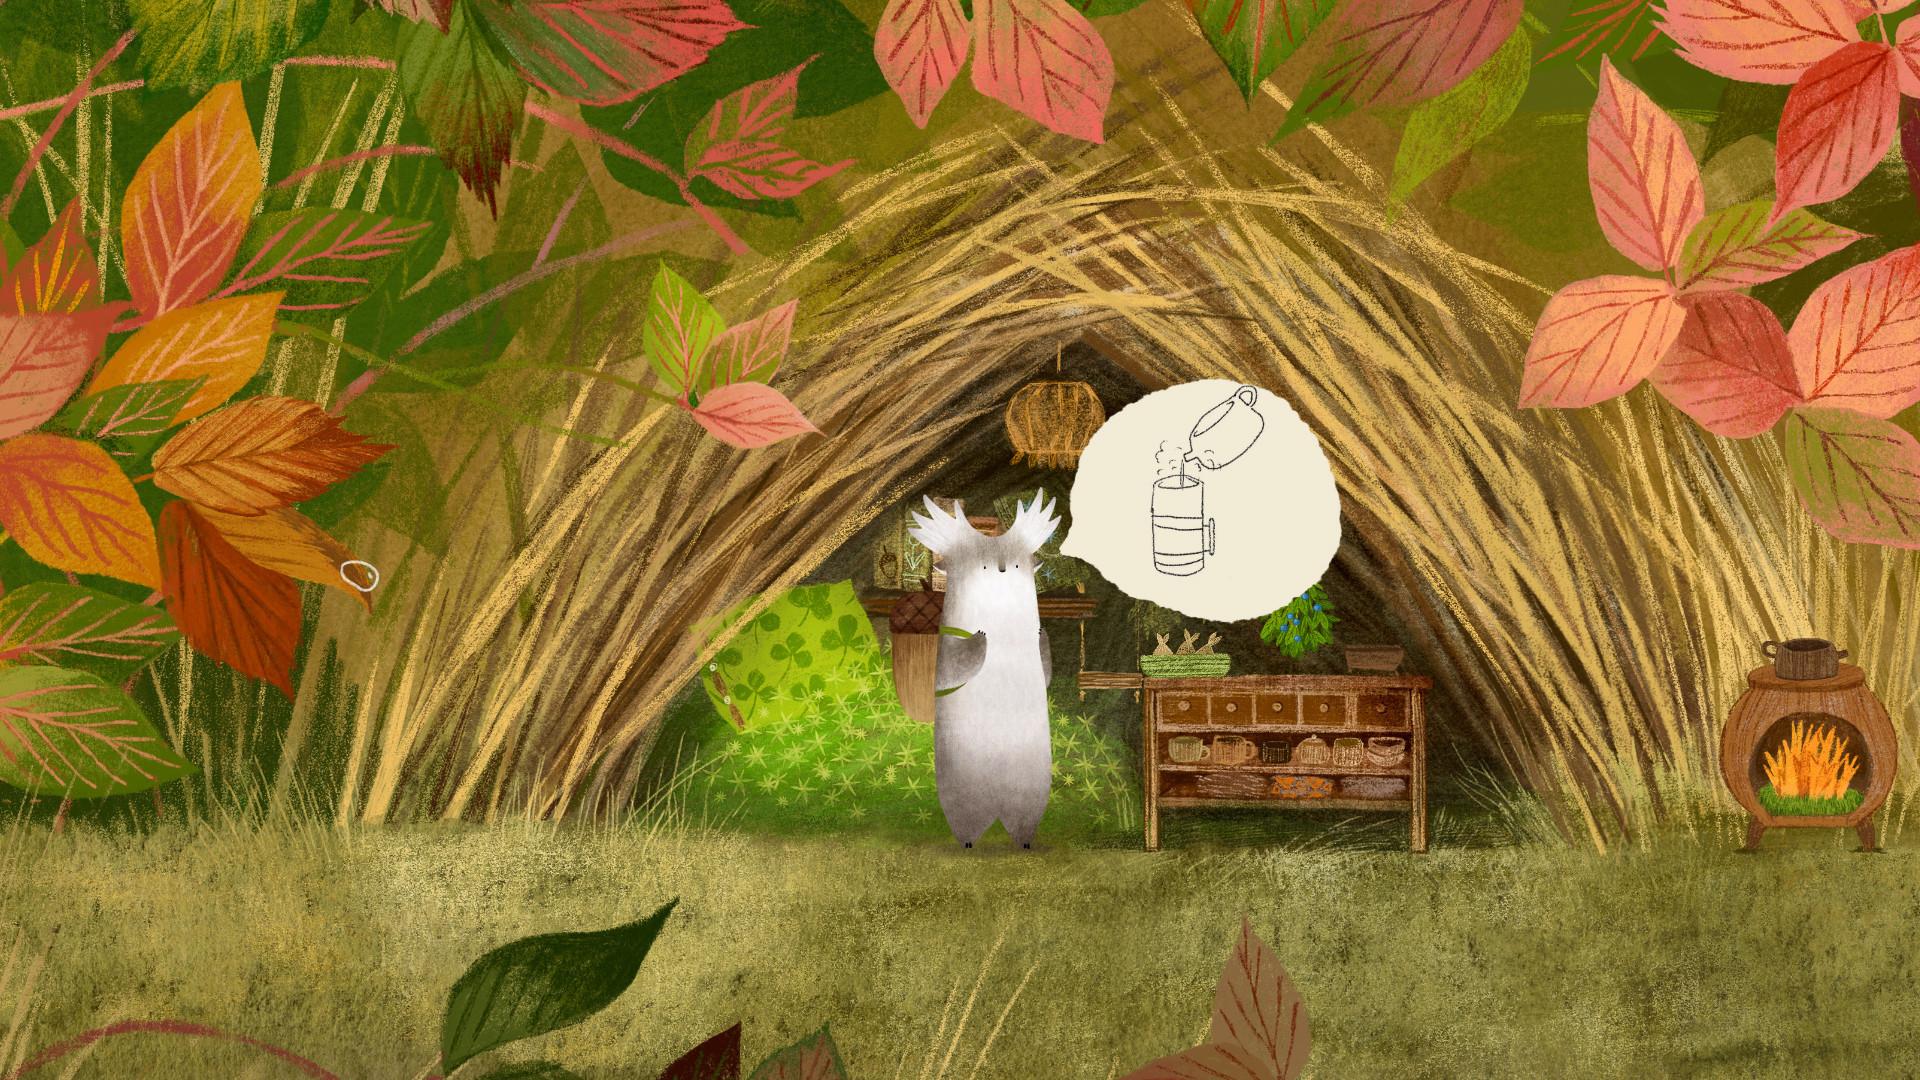 休闲解谜游戏《Tukoni》Steam开启抢先体验 Tukoni 游戏资讯 第2张